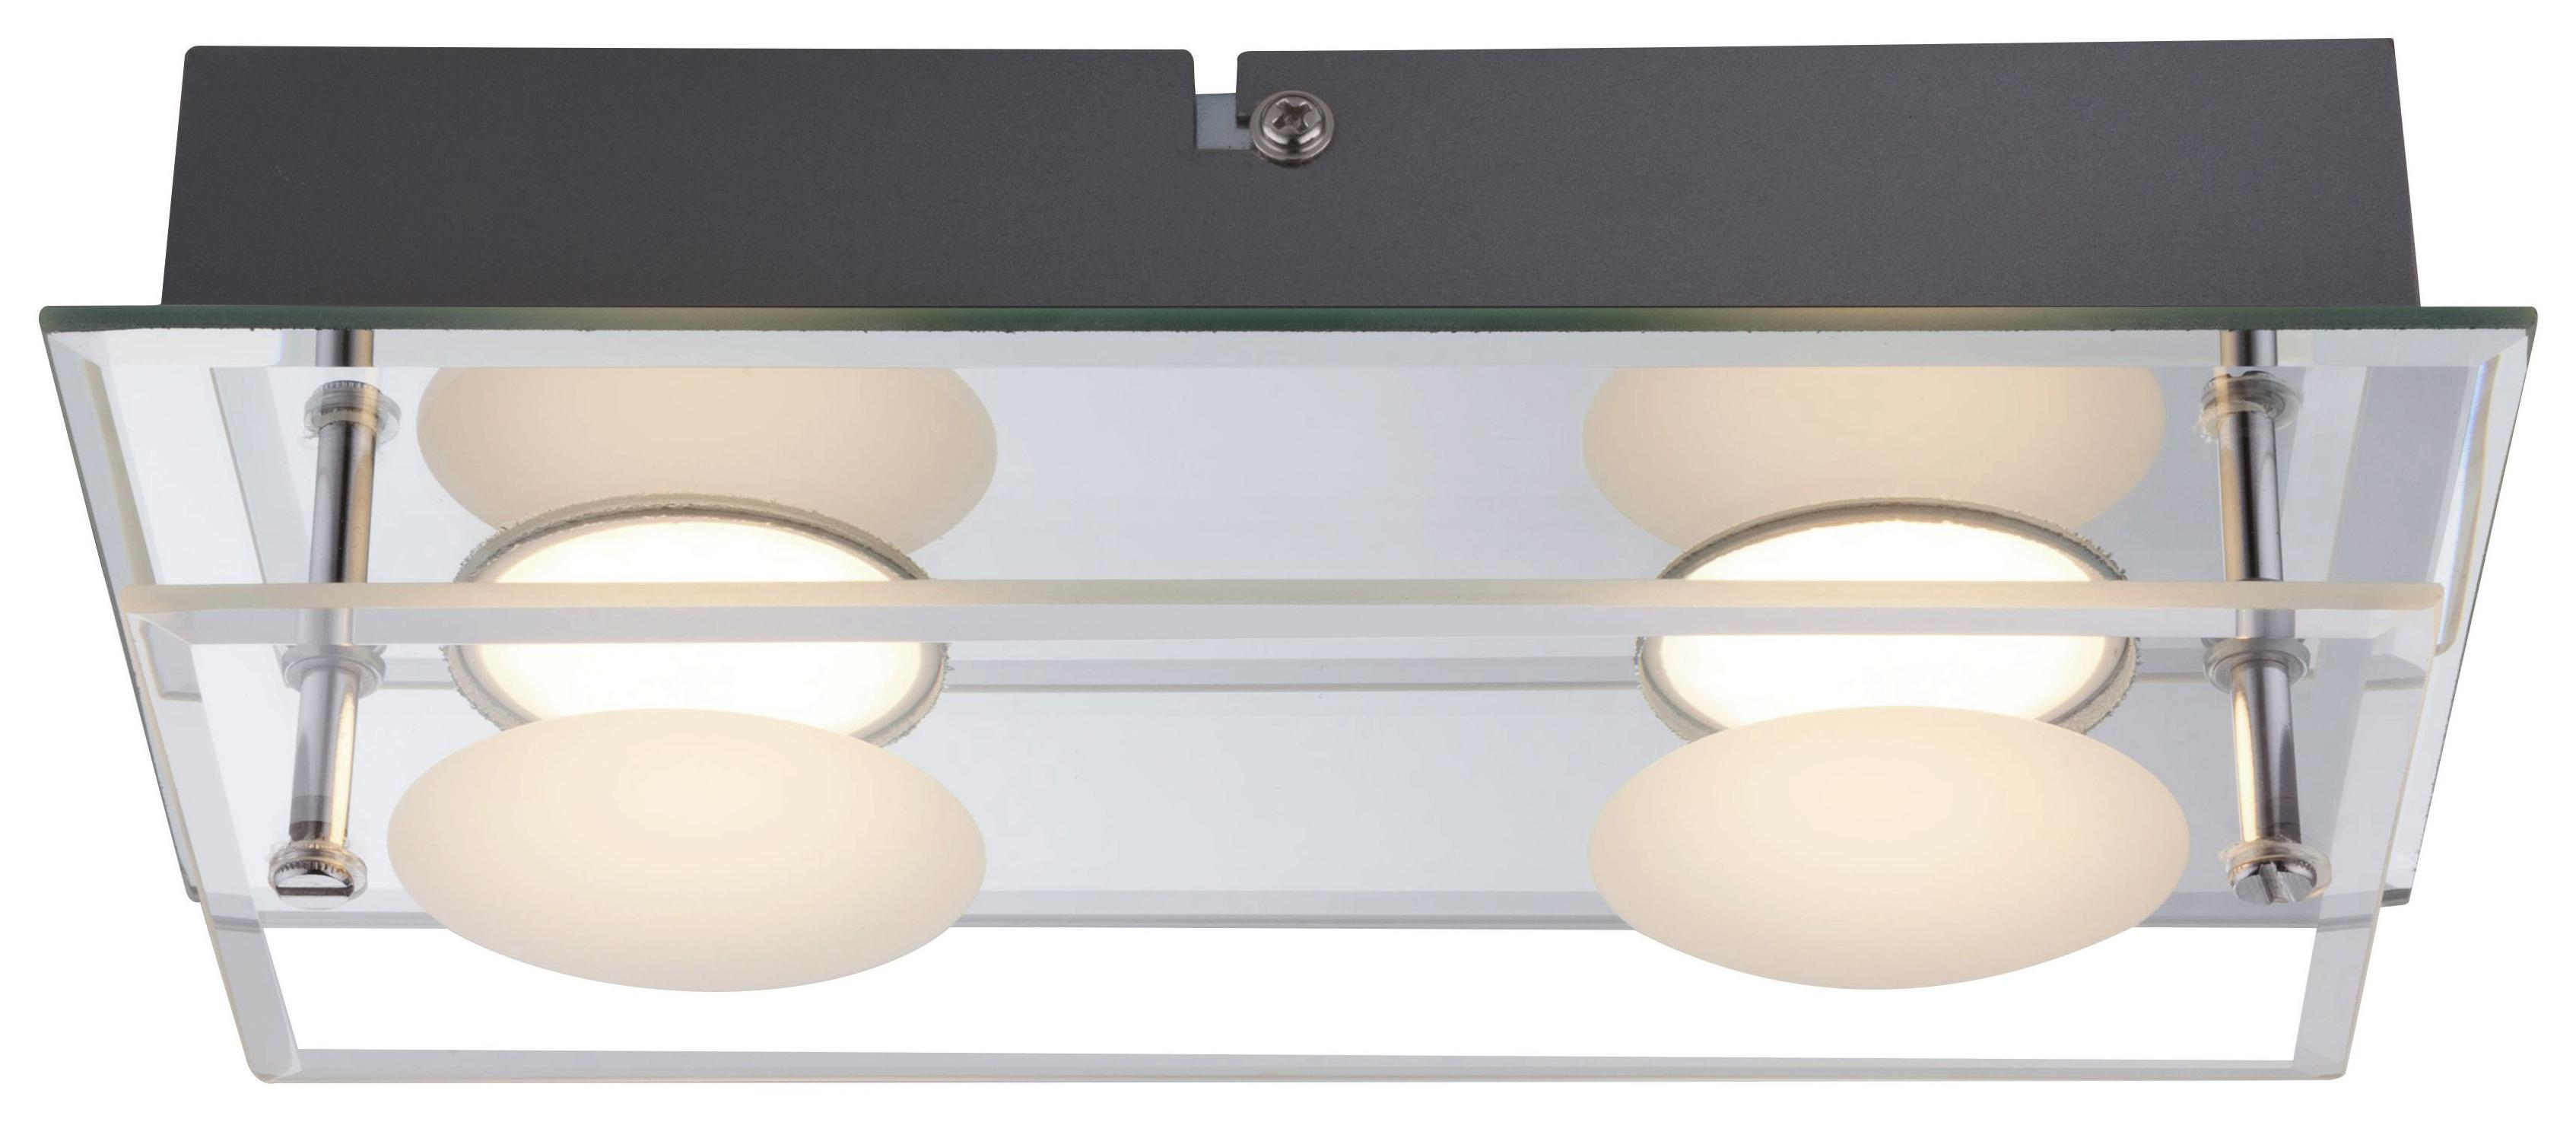 LED möglich Deckenleuchte 65cm Stahl Holz Design Deckenlampe Wandlampe E14